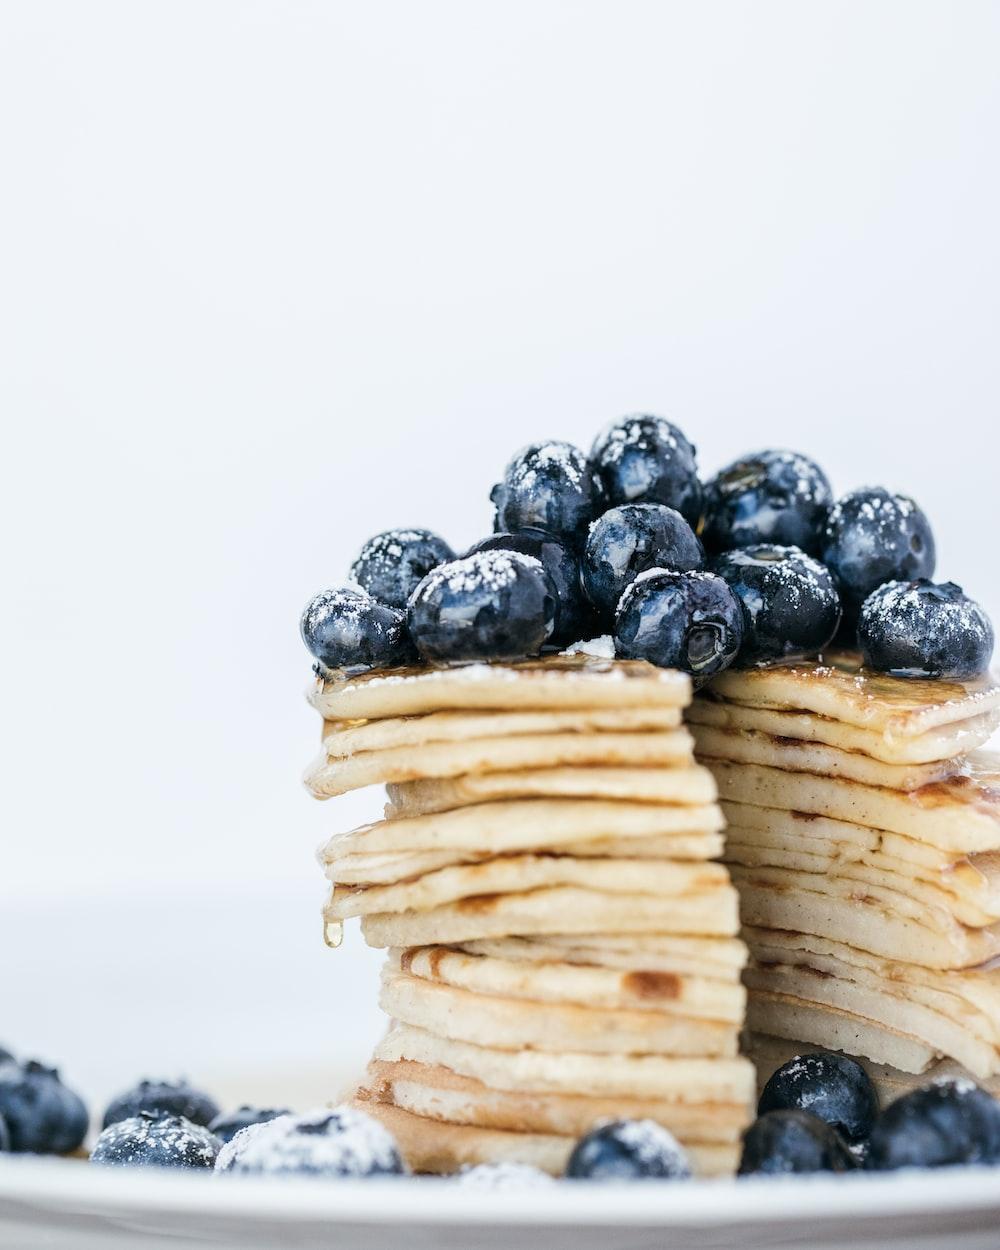 blackberries on pancakes